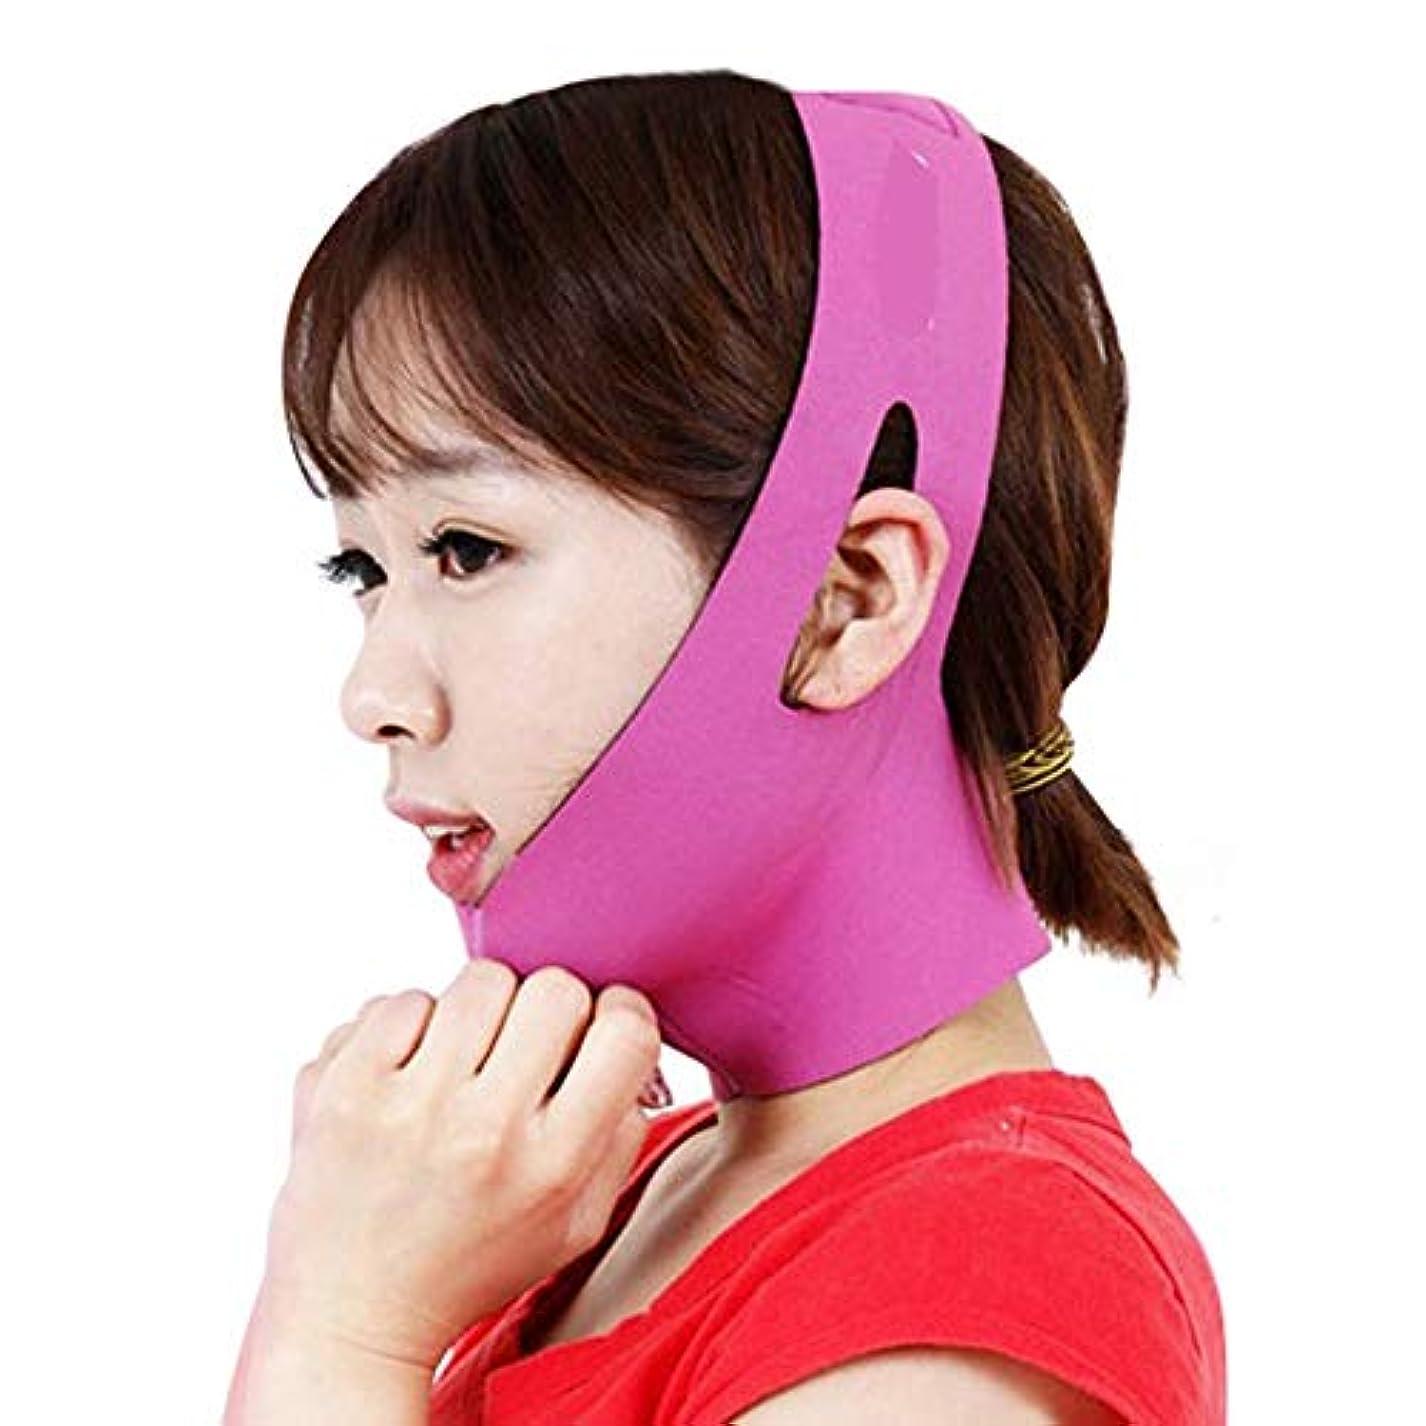 受信機気難しいコートフェイシャルリフティング痩身ベルト圧縮二重あご減量ベルトスキンケア薄い顔包帯二重あごワークアウト (色 : Pink)